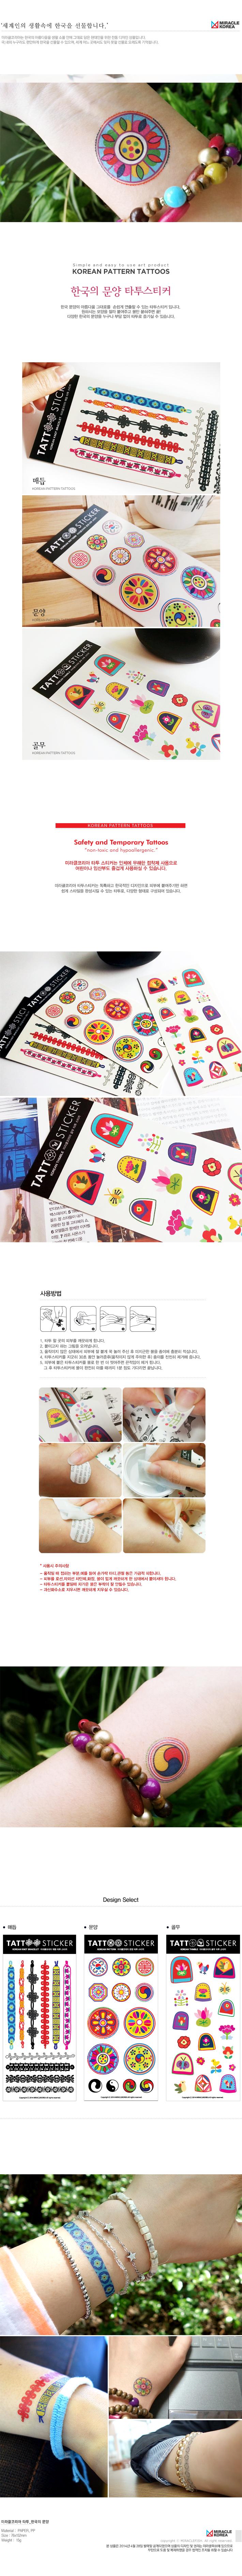 미라클코리아 한국의문양 타투스티커 - 미라클피쉬, 2,000원, 바디메이크업, 타투스티커